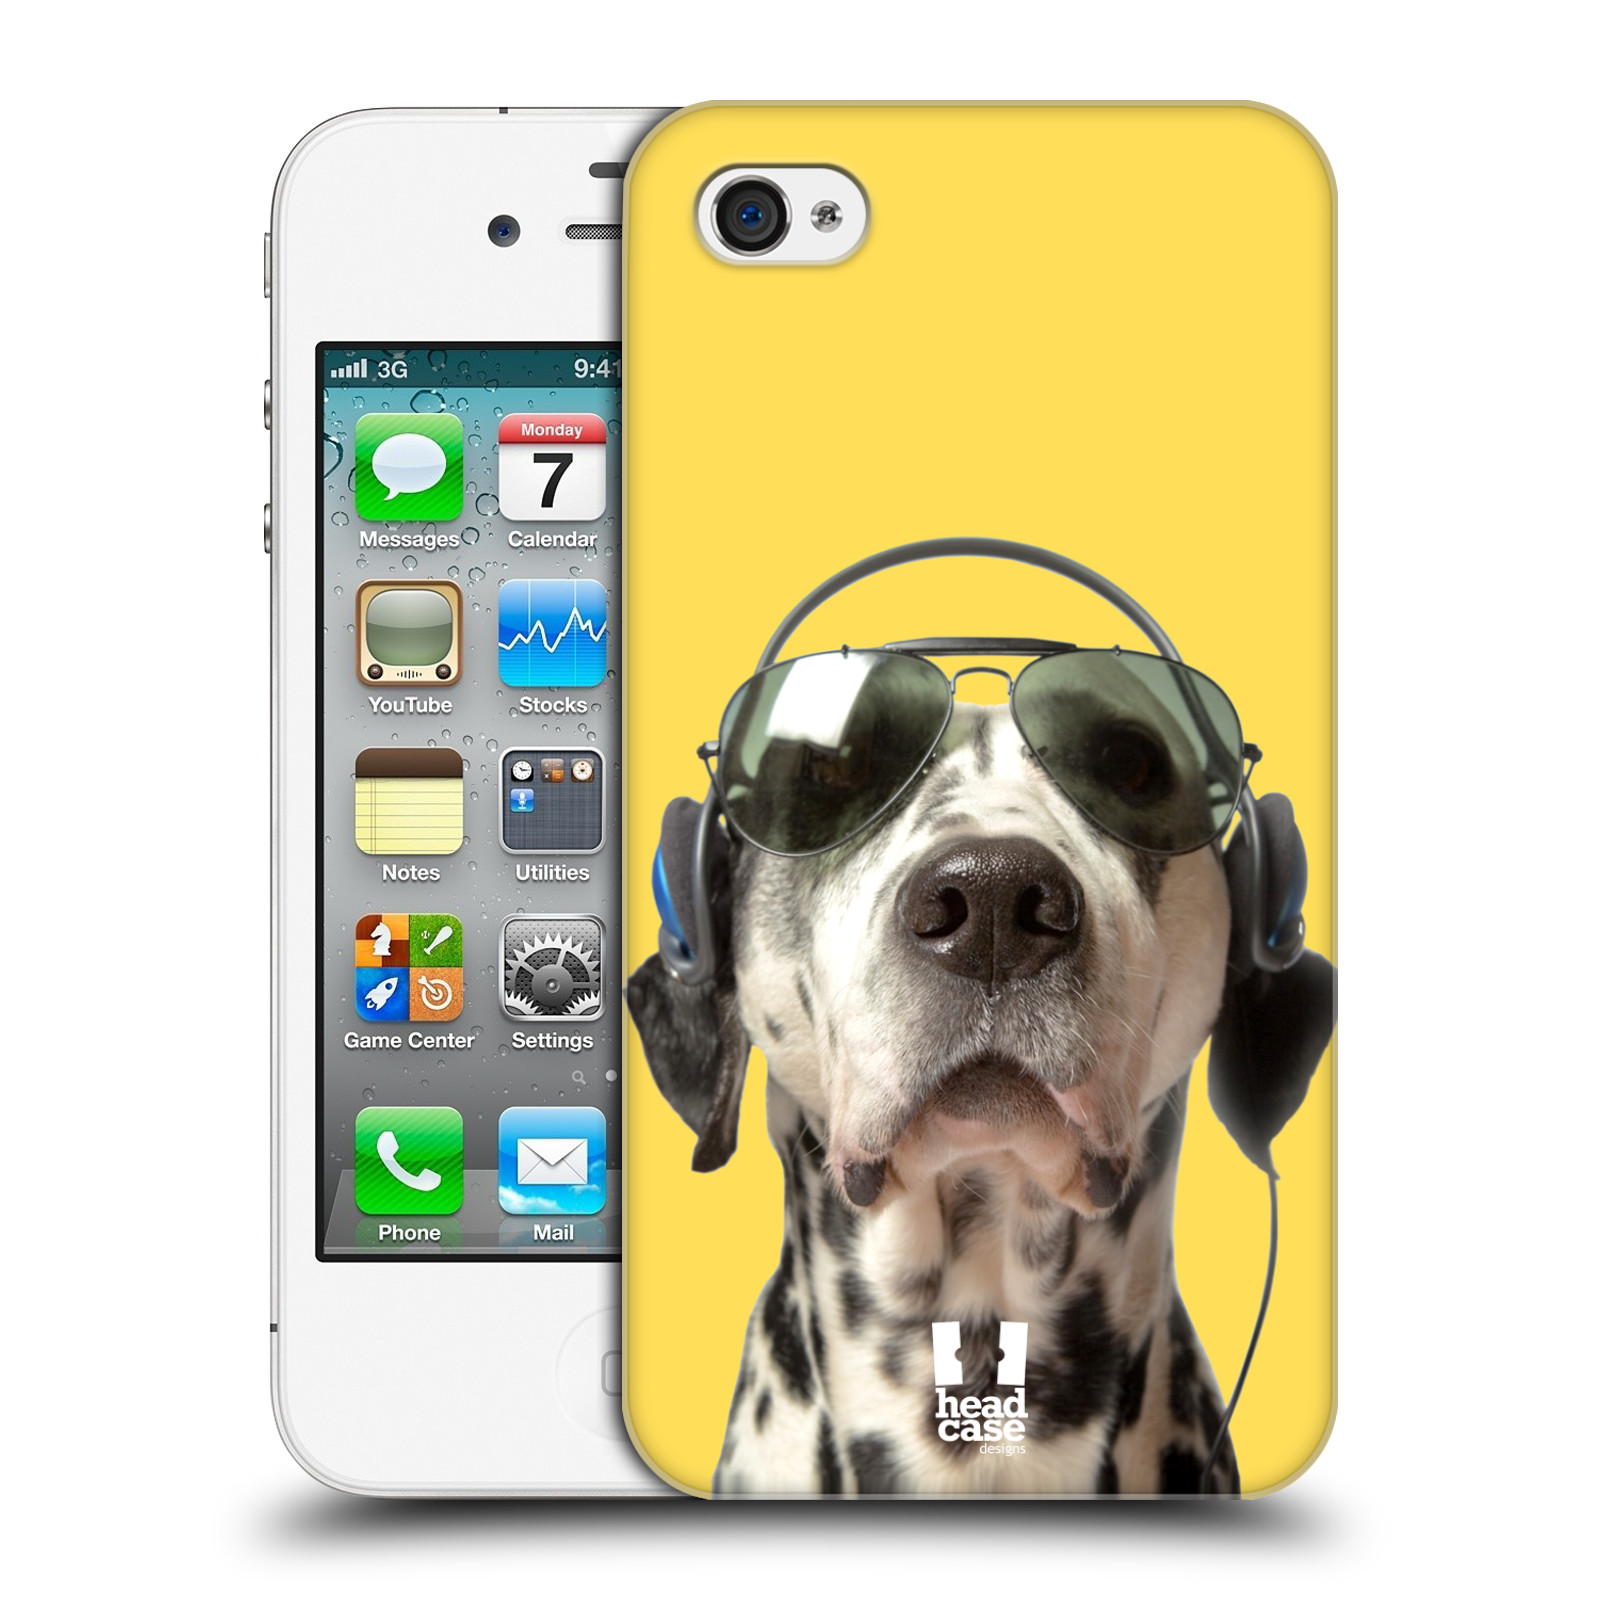 HEAD CASE plastový obal na mobil Apple Iphone 4/4S vzor Legrační zvířátka dalmatin se sluchátky žlutá